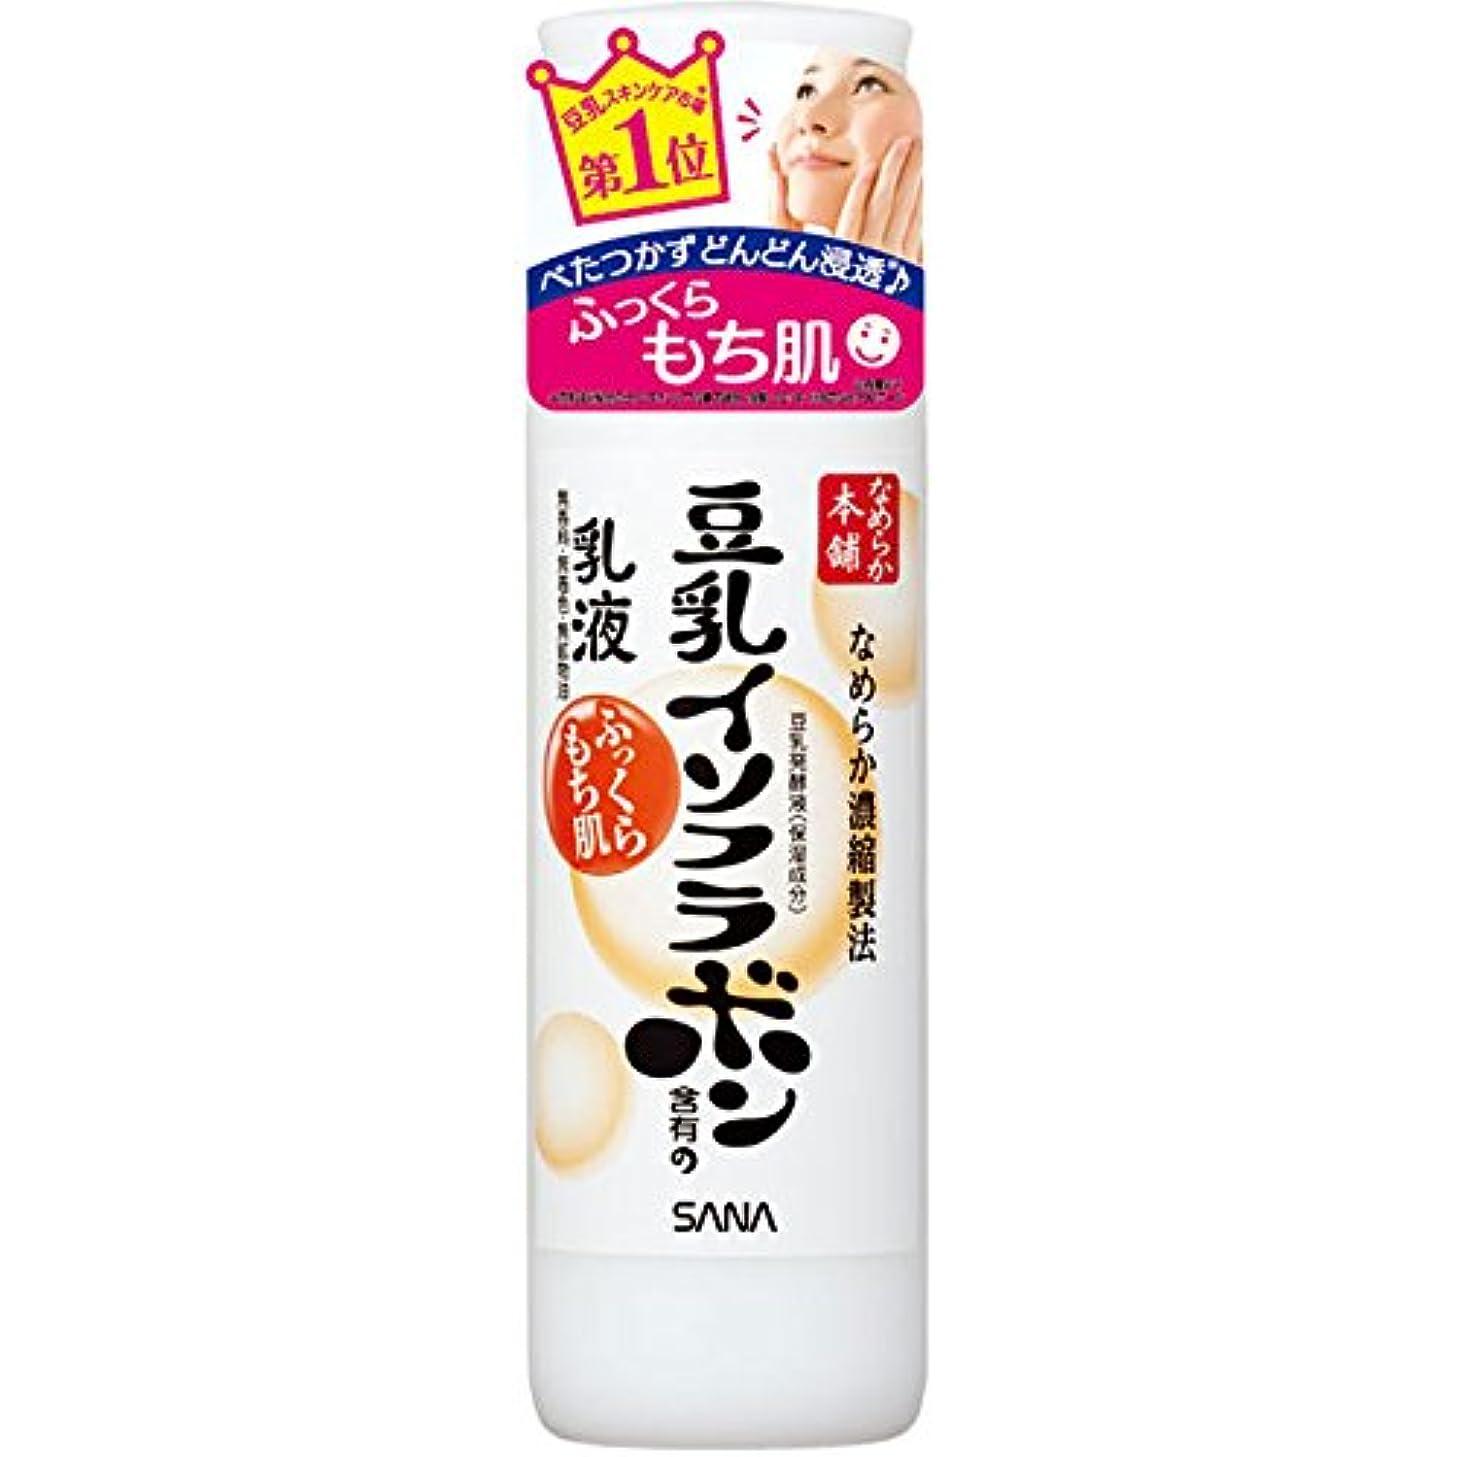 常盤薬品工業 サナ なめらか本舗 乳液 NA 150ml